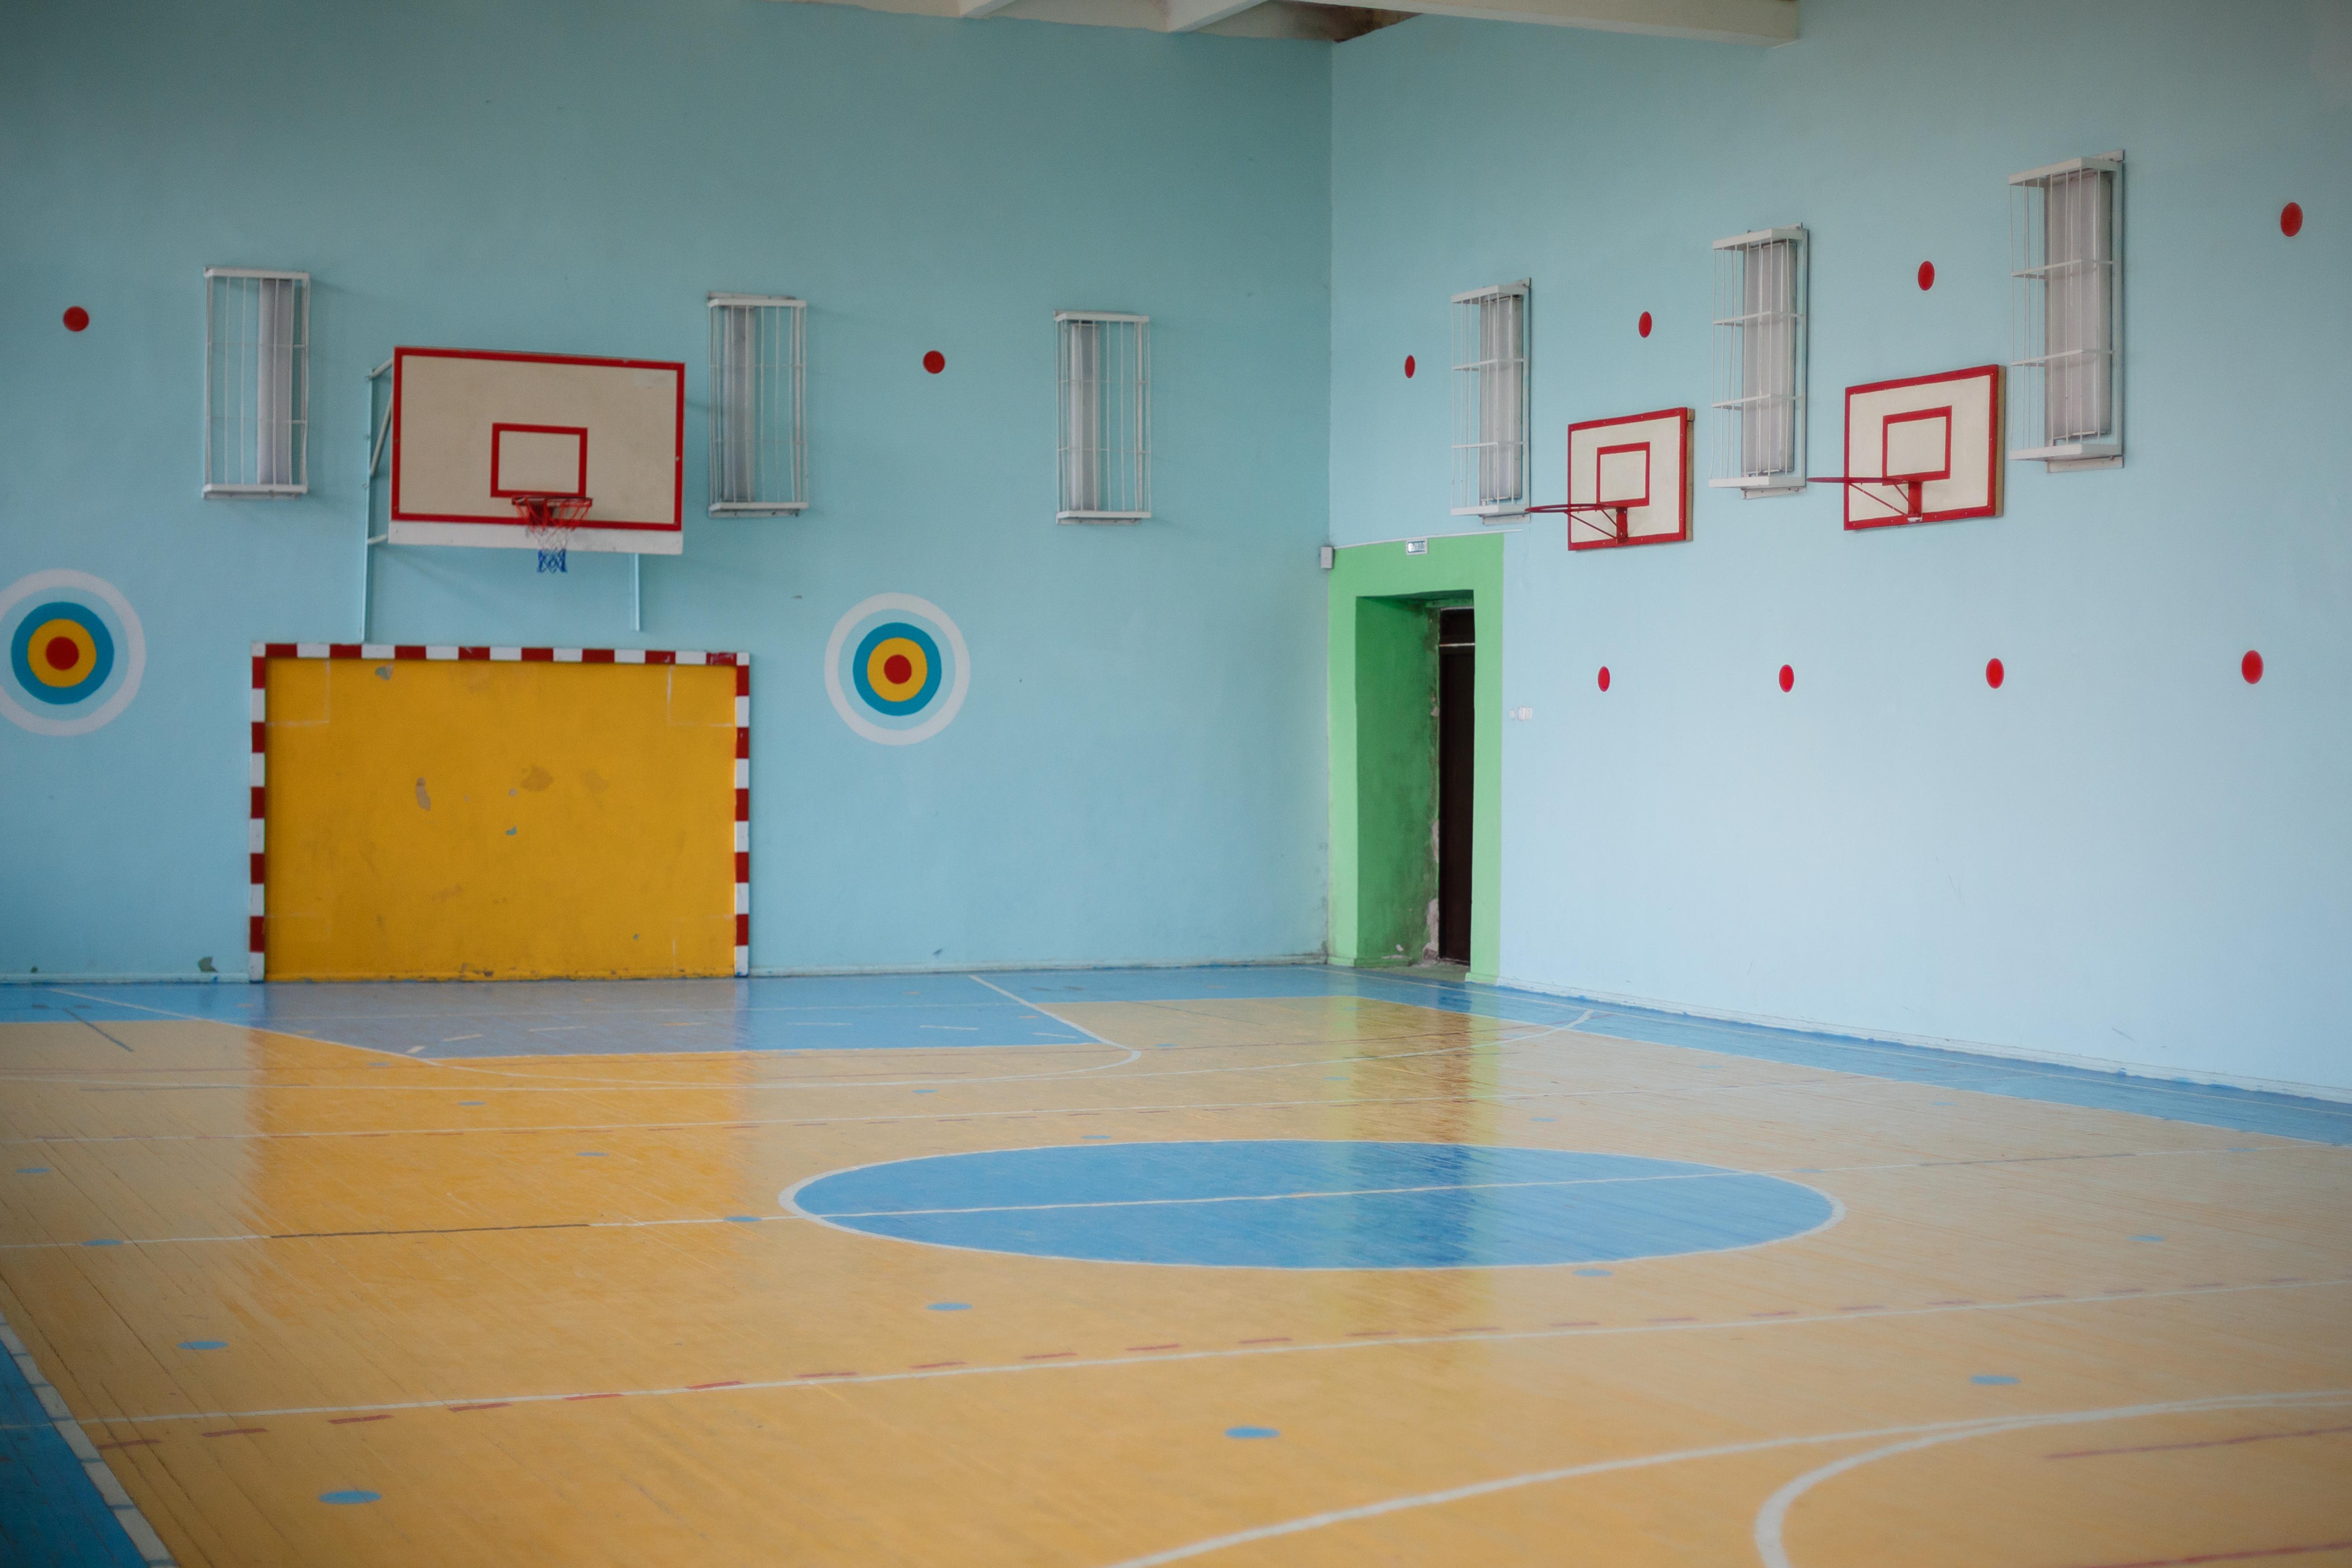 ольшой спортивный зал